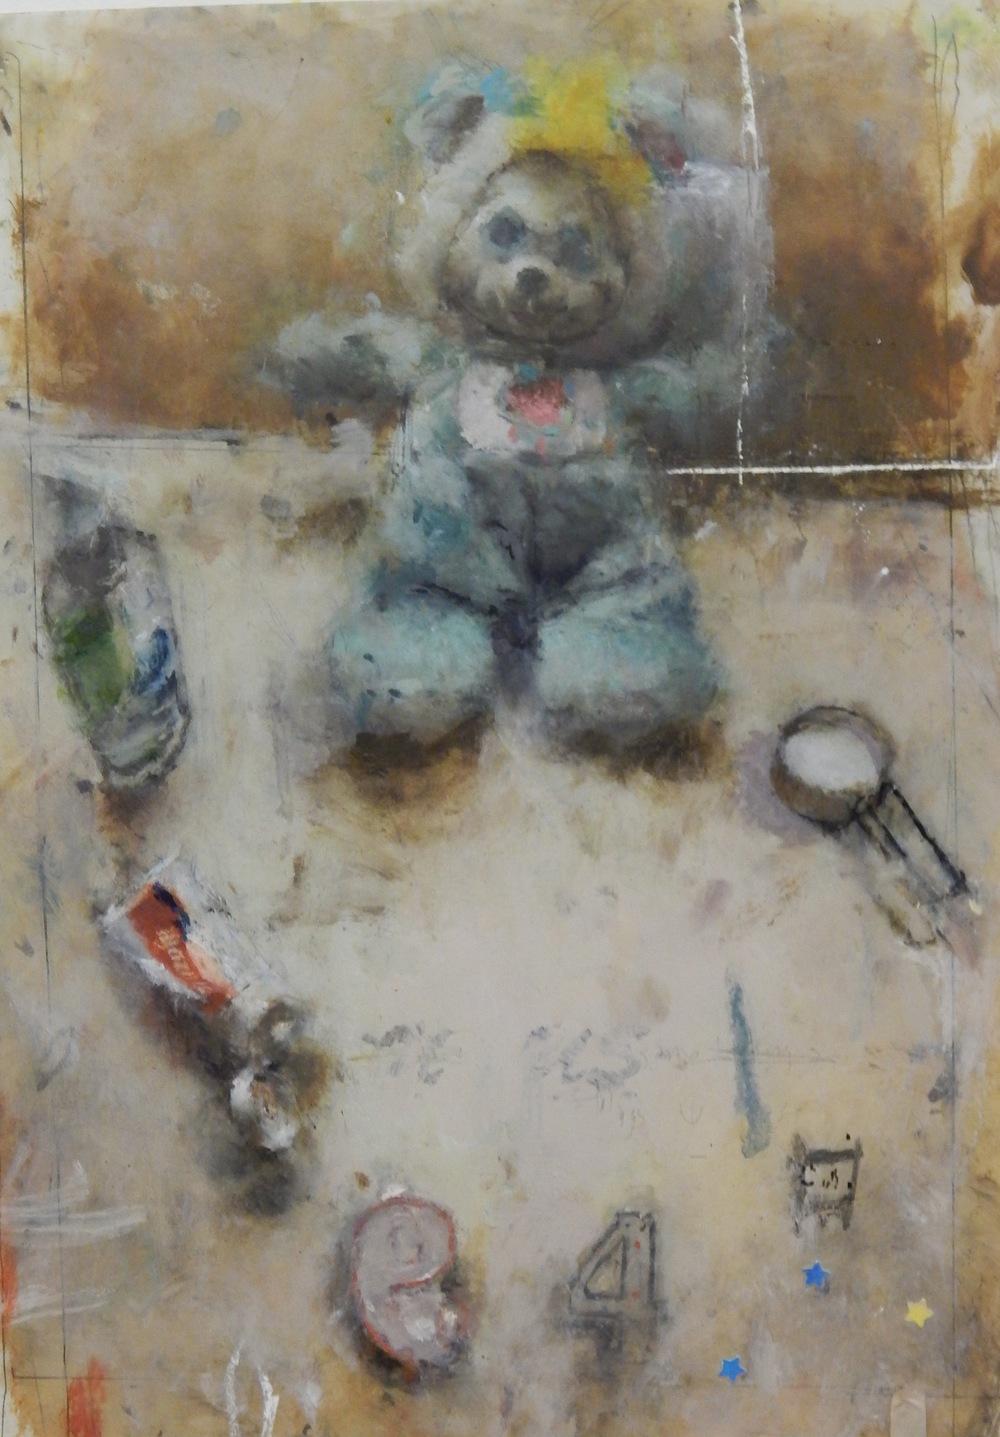 Still Life with Bear Doll